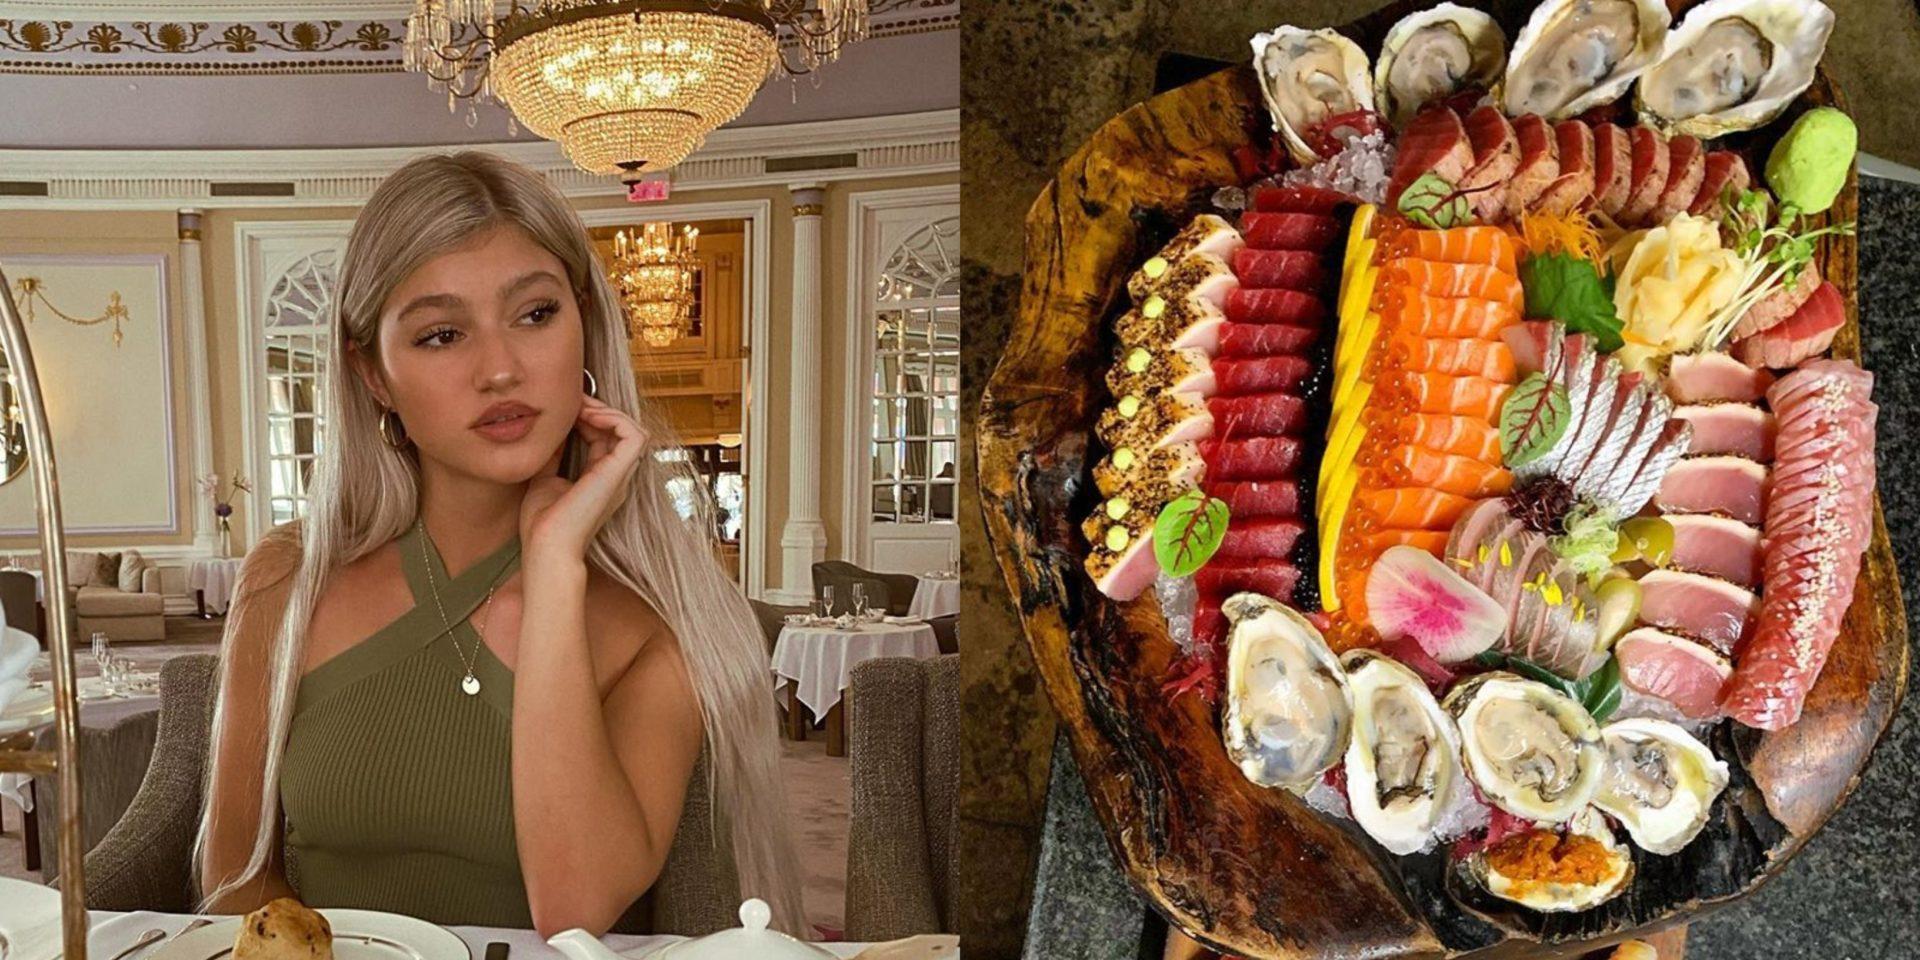 «Park au Ritz»: le chef Antonio Park et ses sushis prennent d'assaut le Ritz-Carlton dès aujourd'hui!